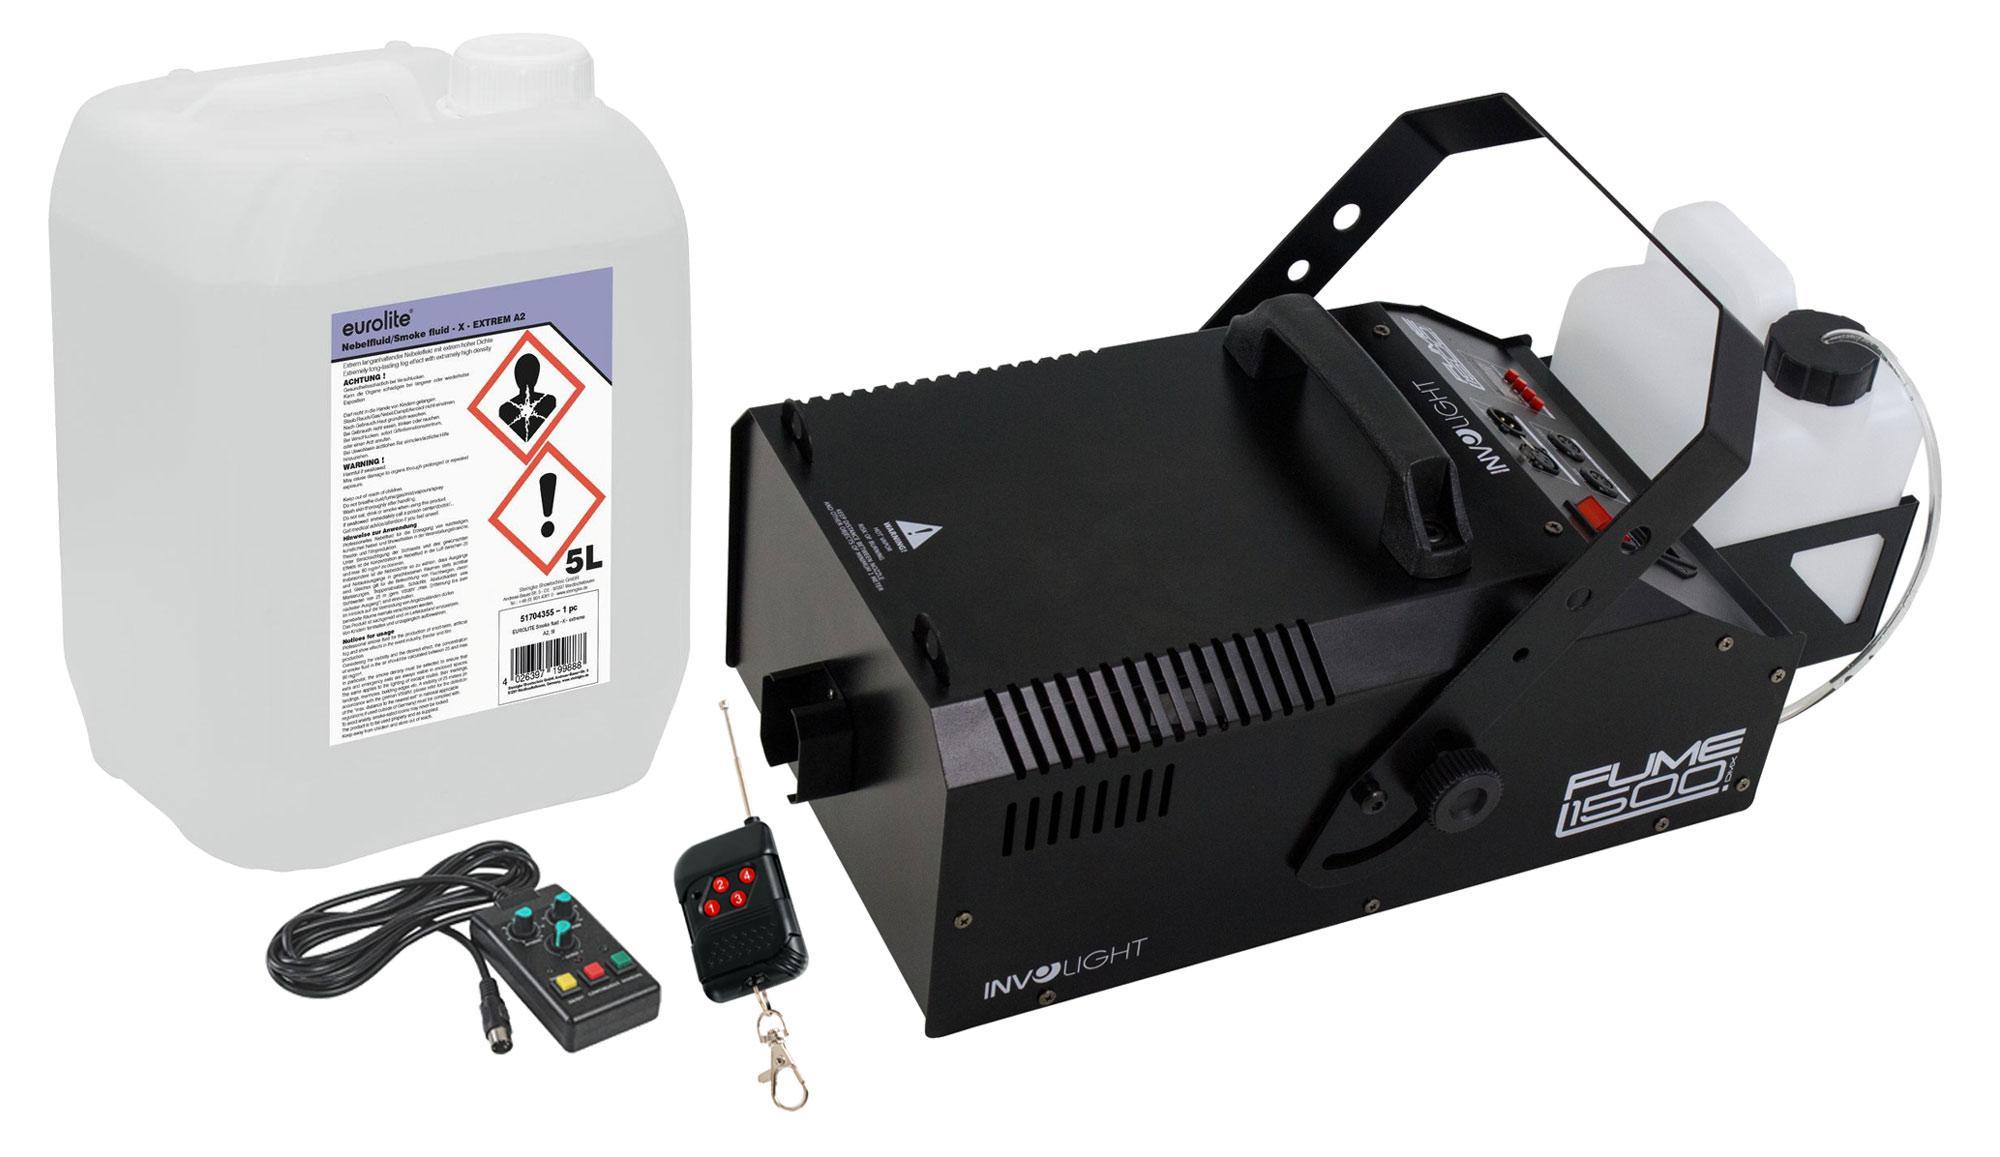 Nebeleffekte - Involight Fume 1500 DMX Nebelmaschinen Feuerwehr Set - Onlineshop Musikhaus Kirstein